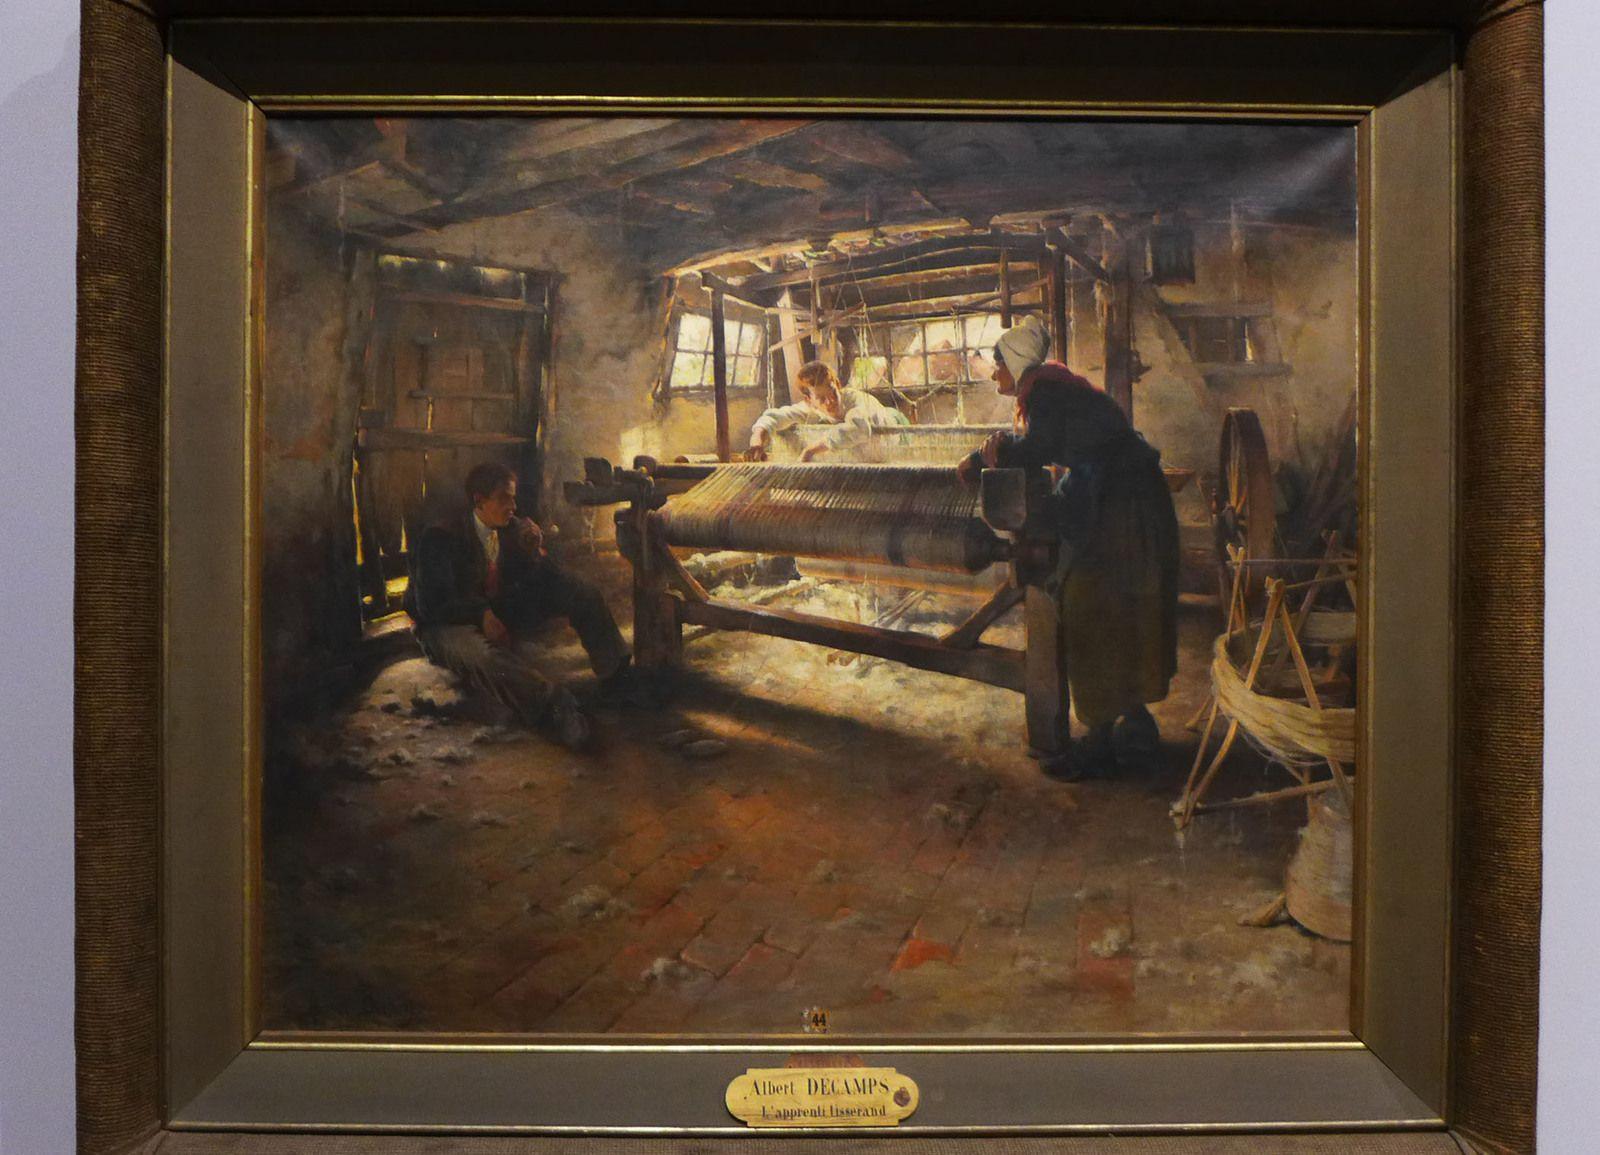 Albert DECAMPS (1862-1908), L'Apprenti tisserand, Abbeville